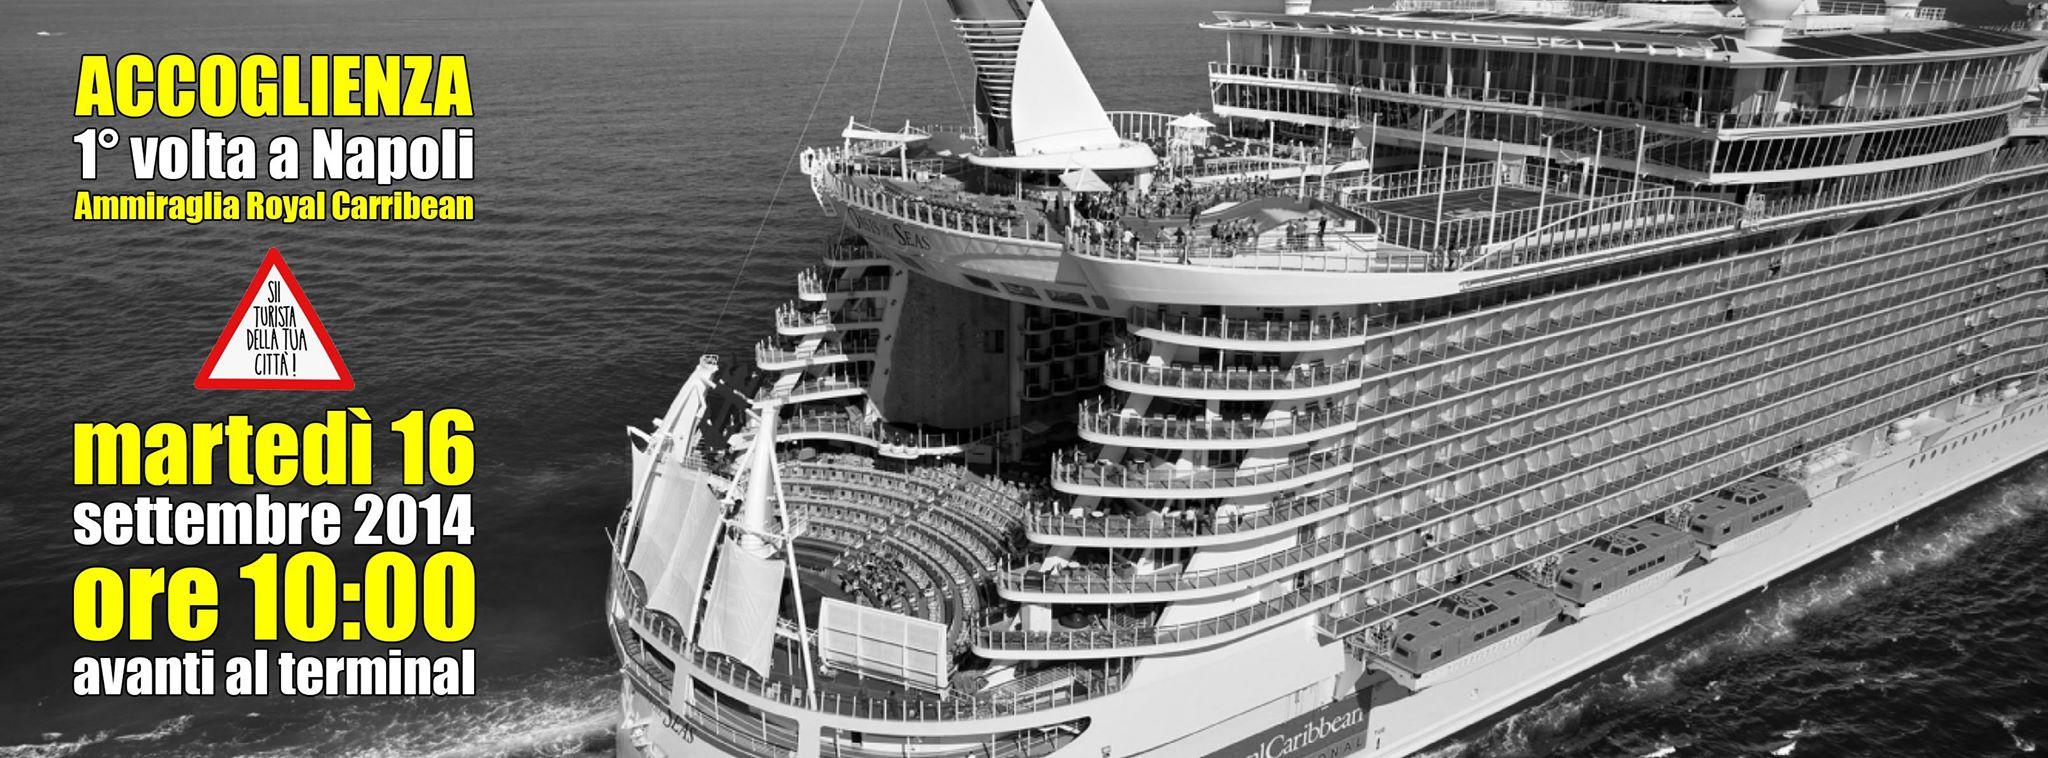 """Martedì la nave più grande del mondo a Napoli: """"fiori per tutti i passeggeri"""""""